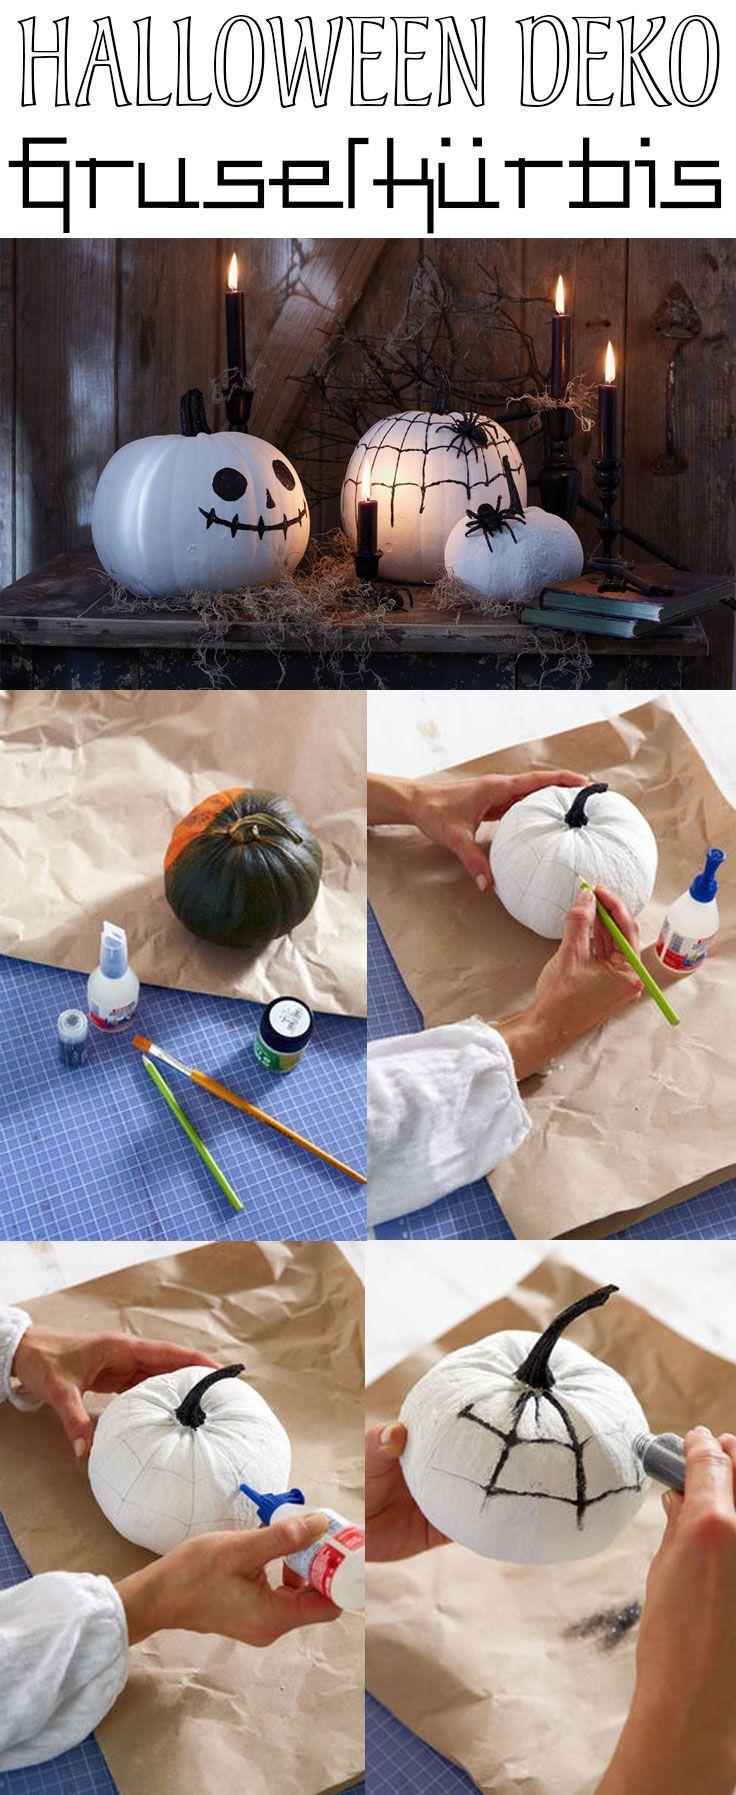 Halloween Party Deko Ideen Luxus A Pumpkin Belongs to Halloween but Does Not Necessarily